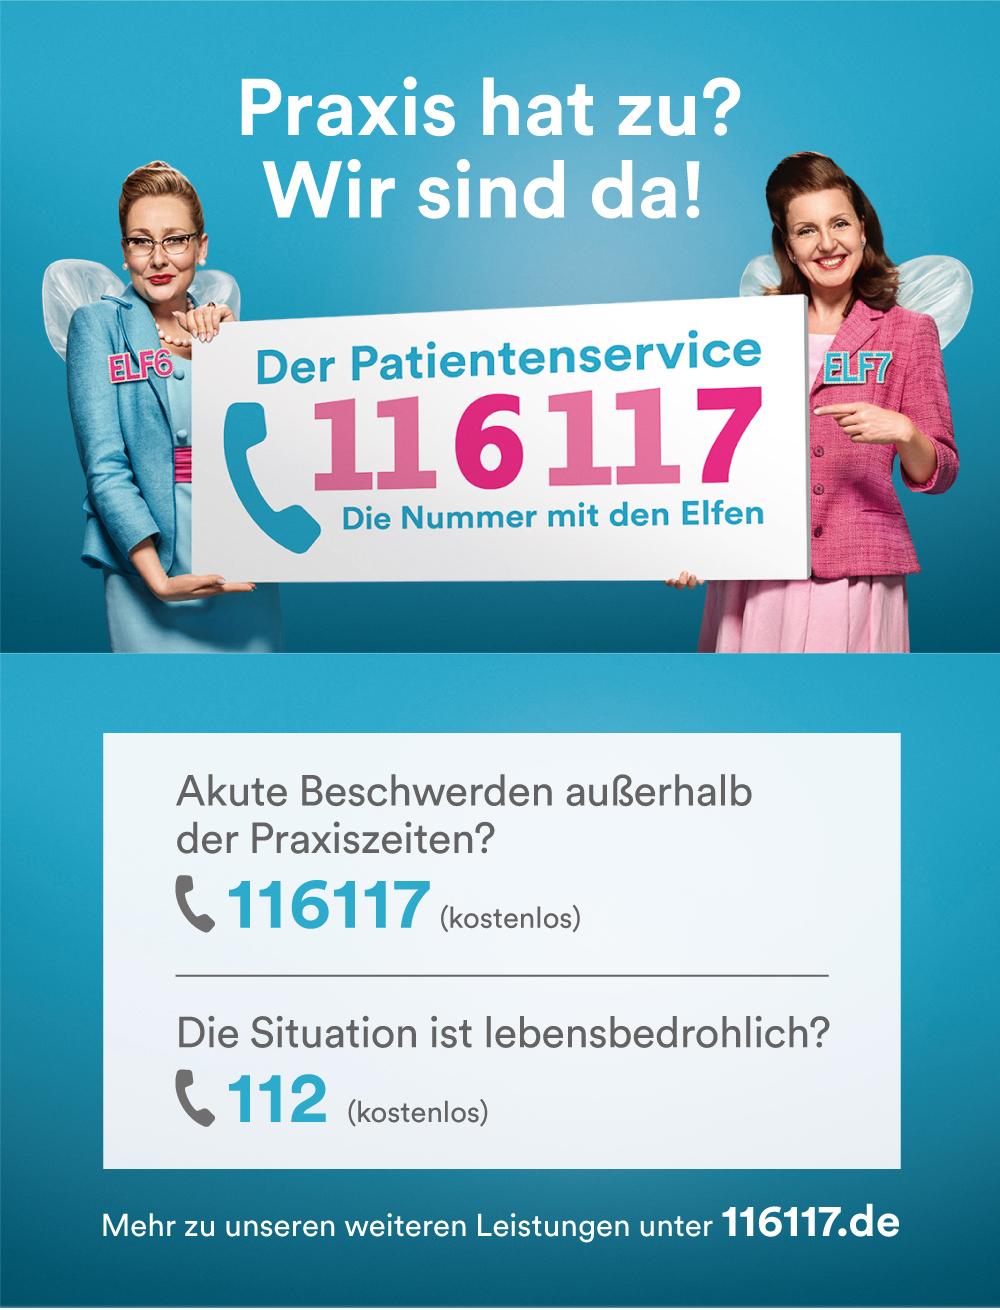 Der Patientenservice 116117